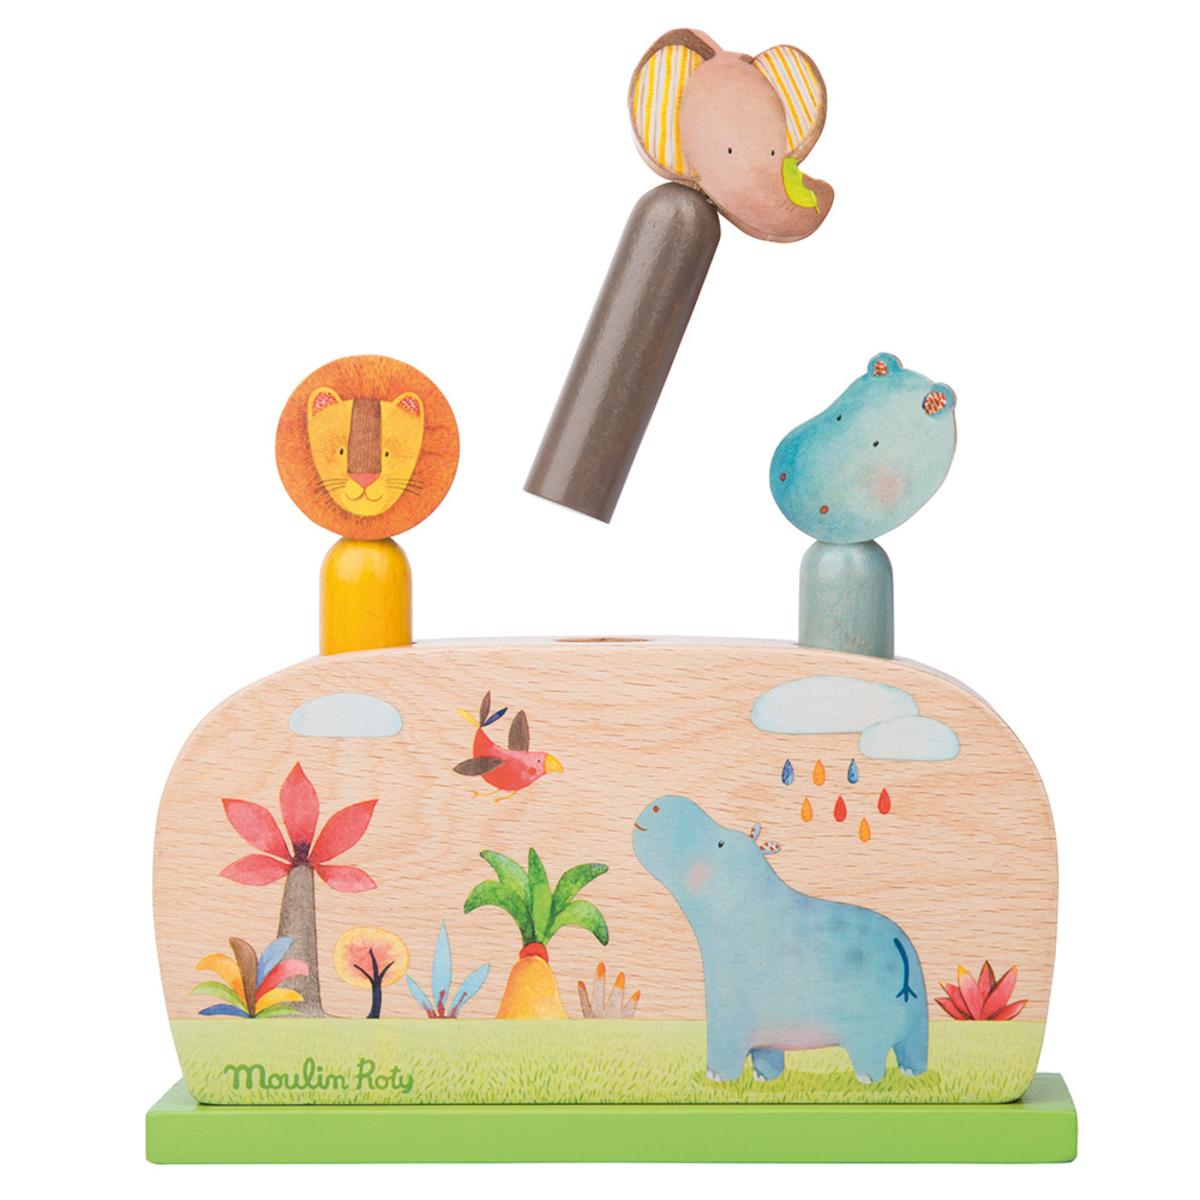 Mes premiers jouets Pop-up Les Papoum Pop-up Les Papoum